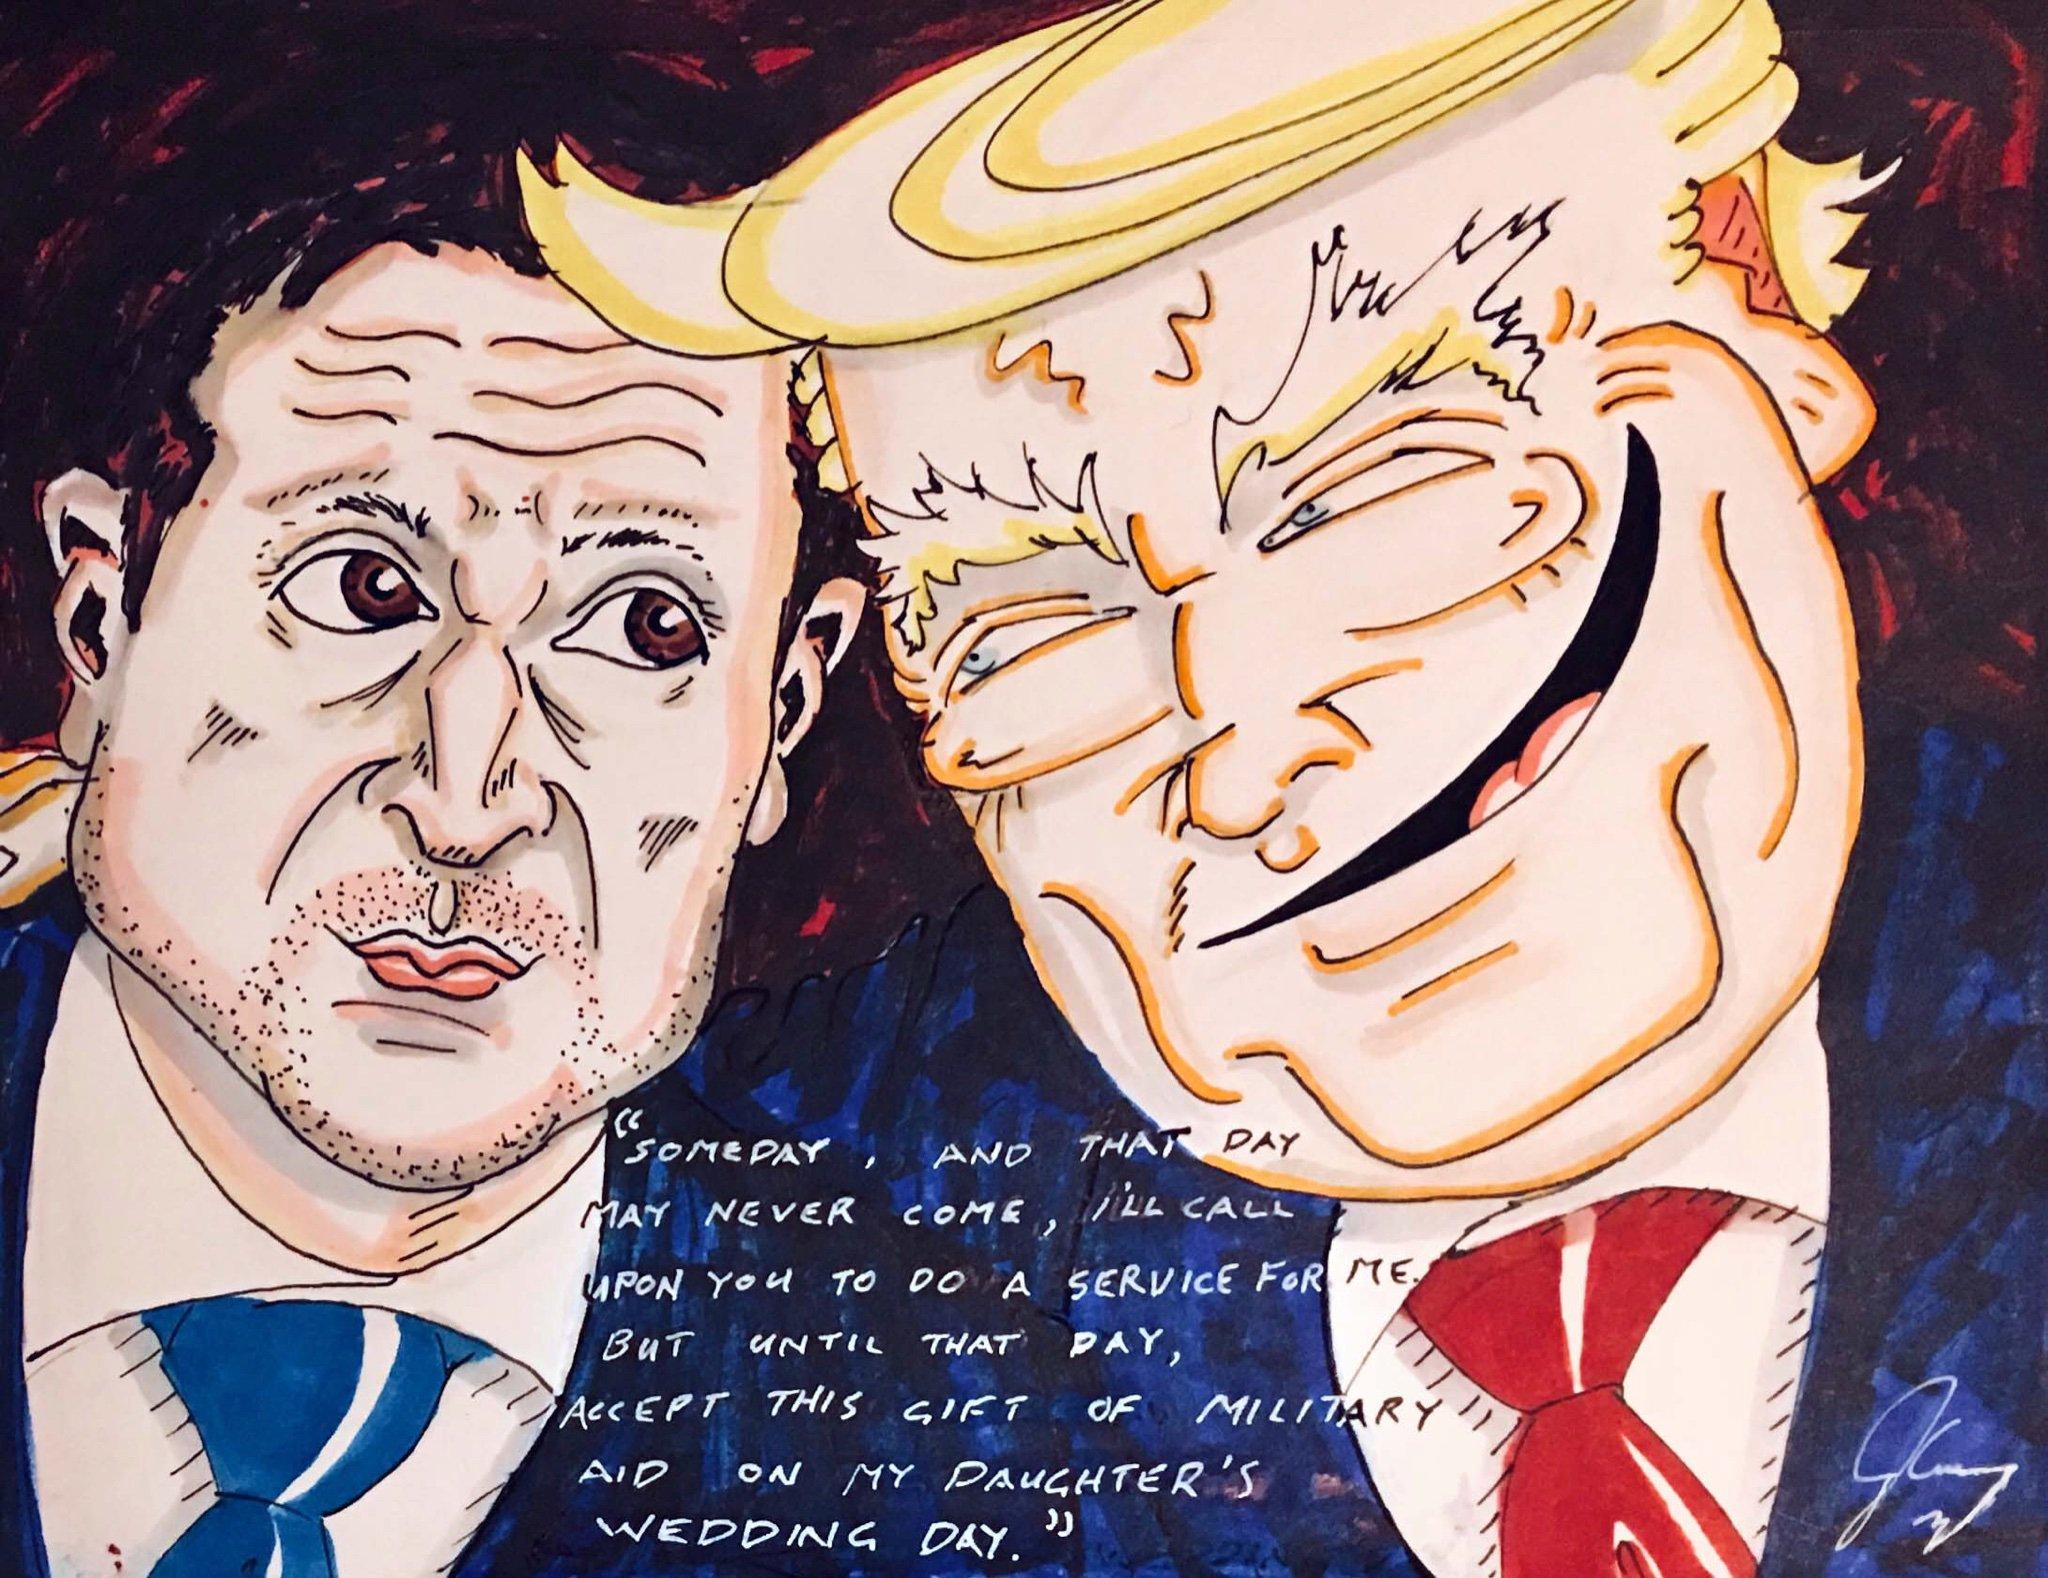 Джим Керри высмеял Трампа и Зеленского в злобной карикатуре